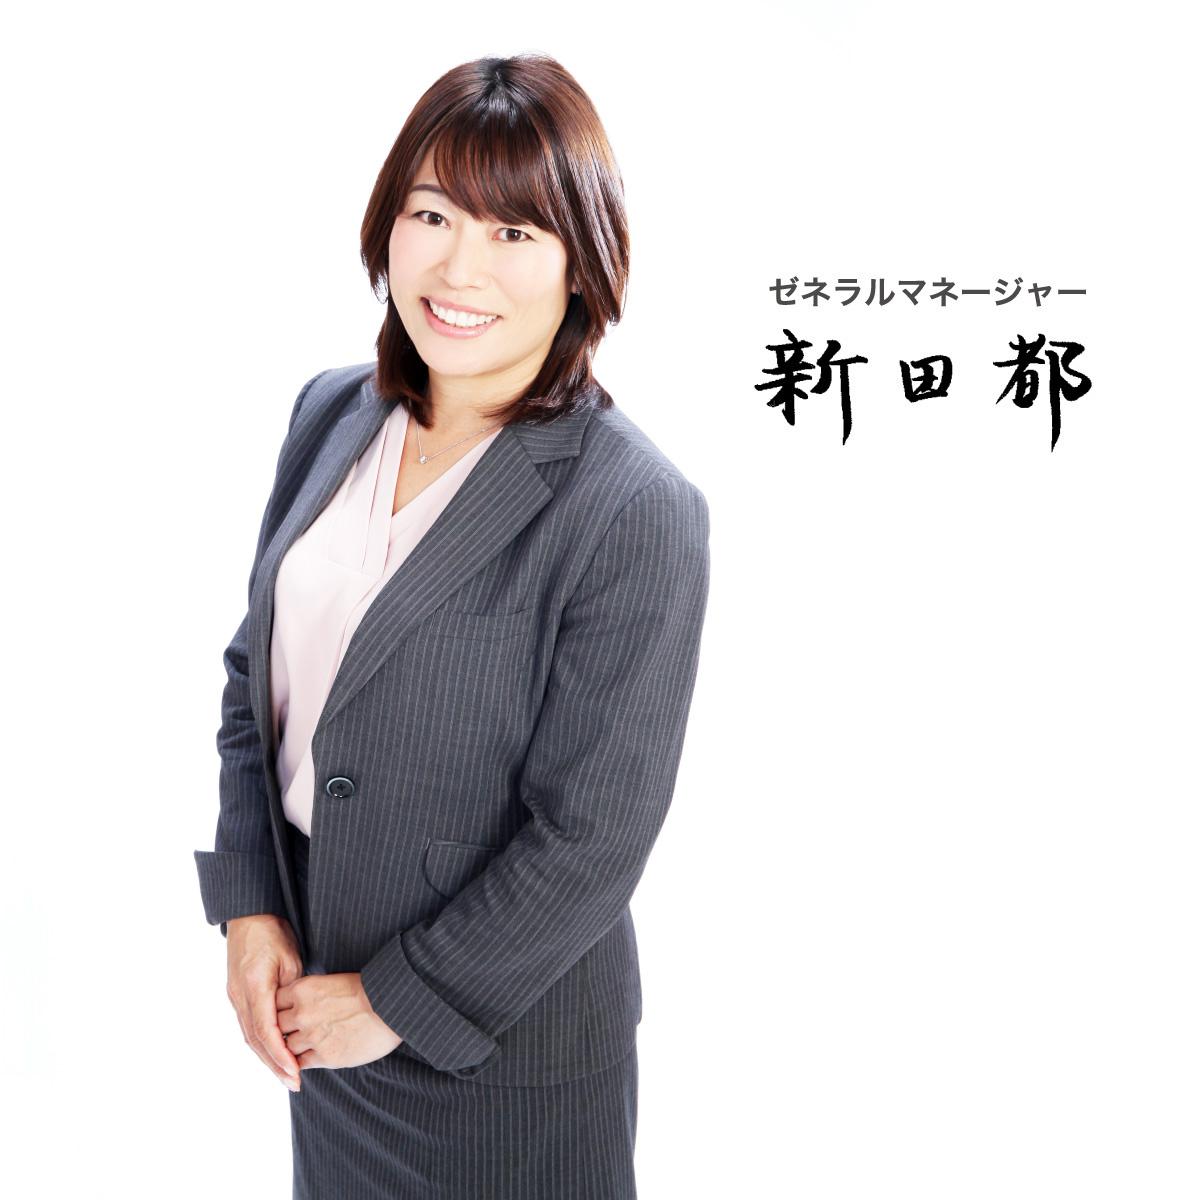 ゼネラルマネージャー 新田 都